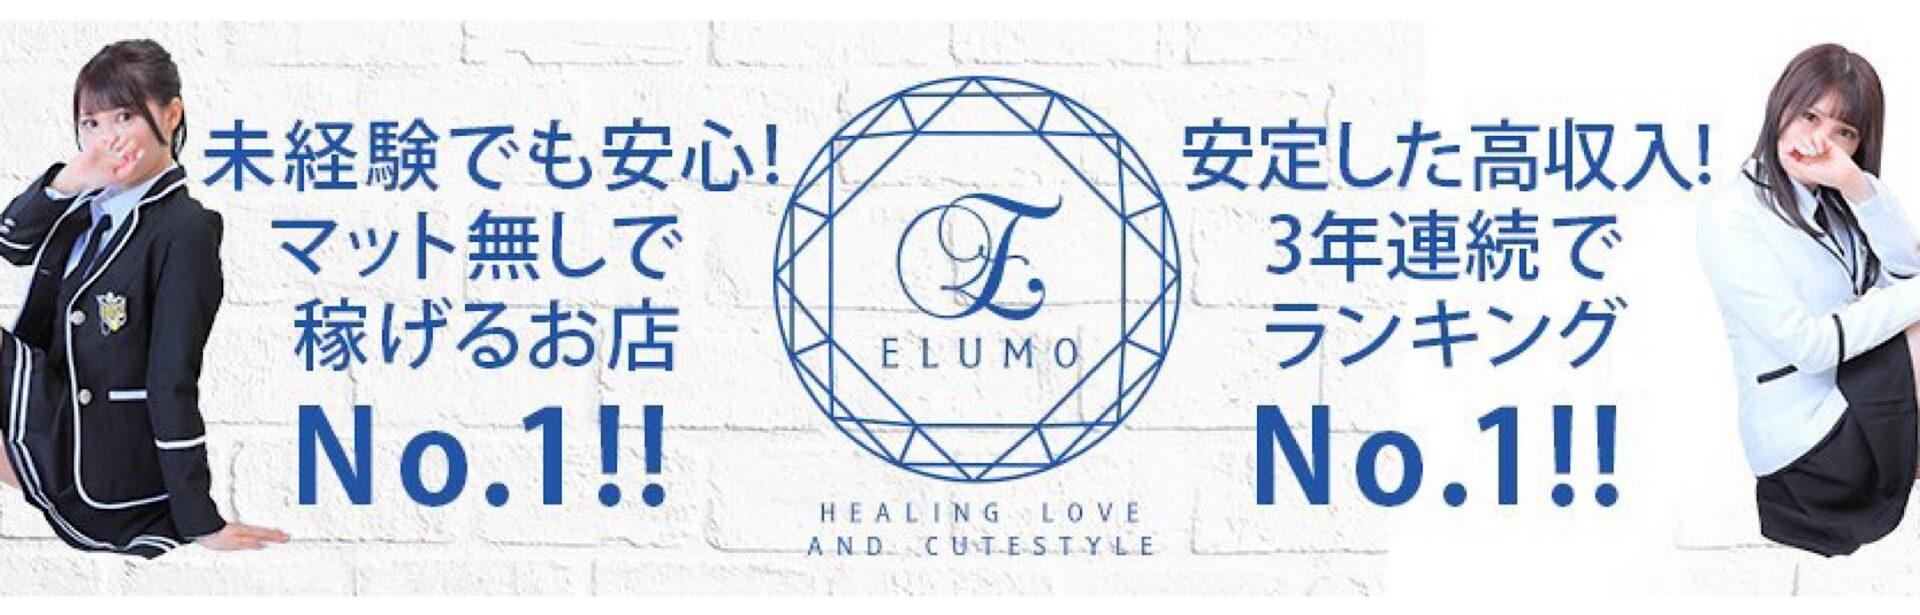 博多・中洲風俗 ソープランド エルモ - ELUMO - 求人 高額体験入店実施中!